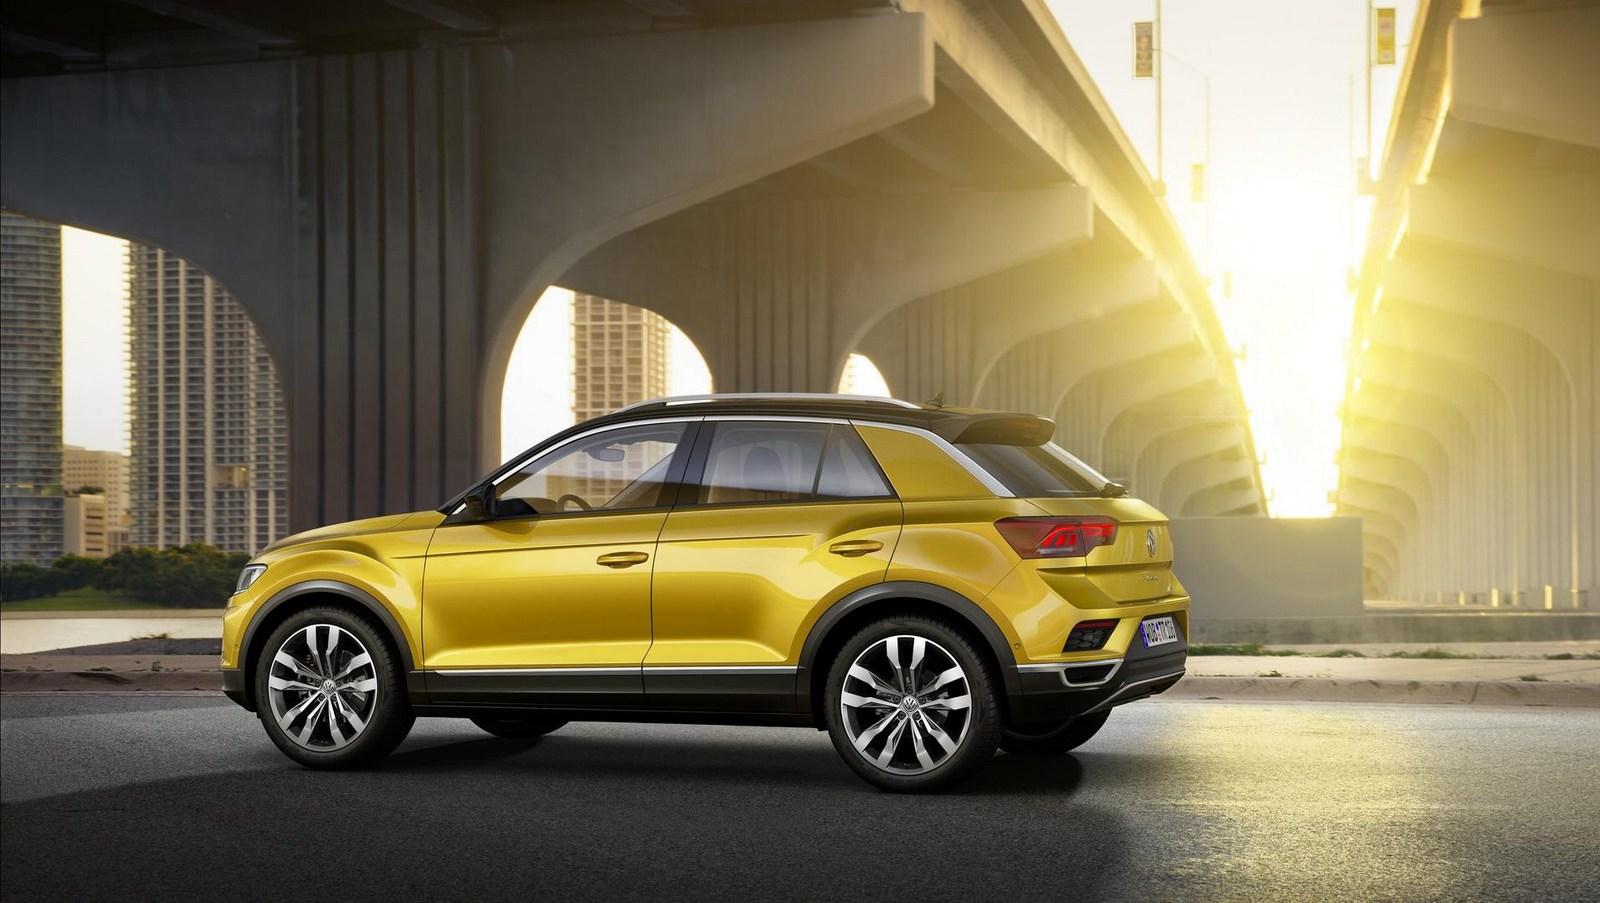 2018_Volkswagen_T-Roc_04